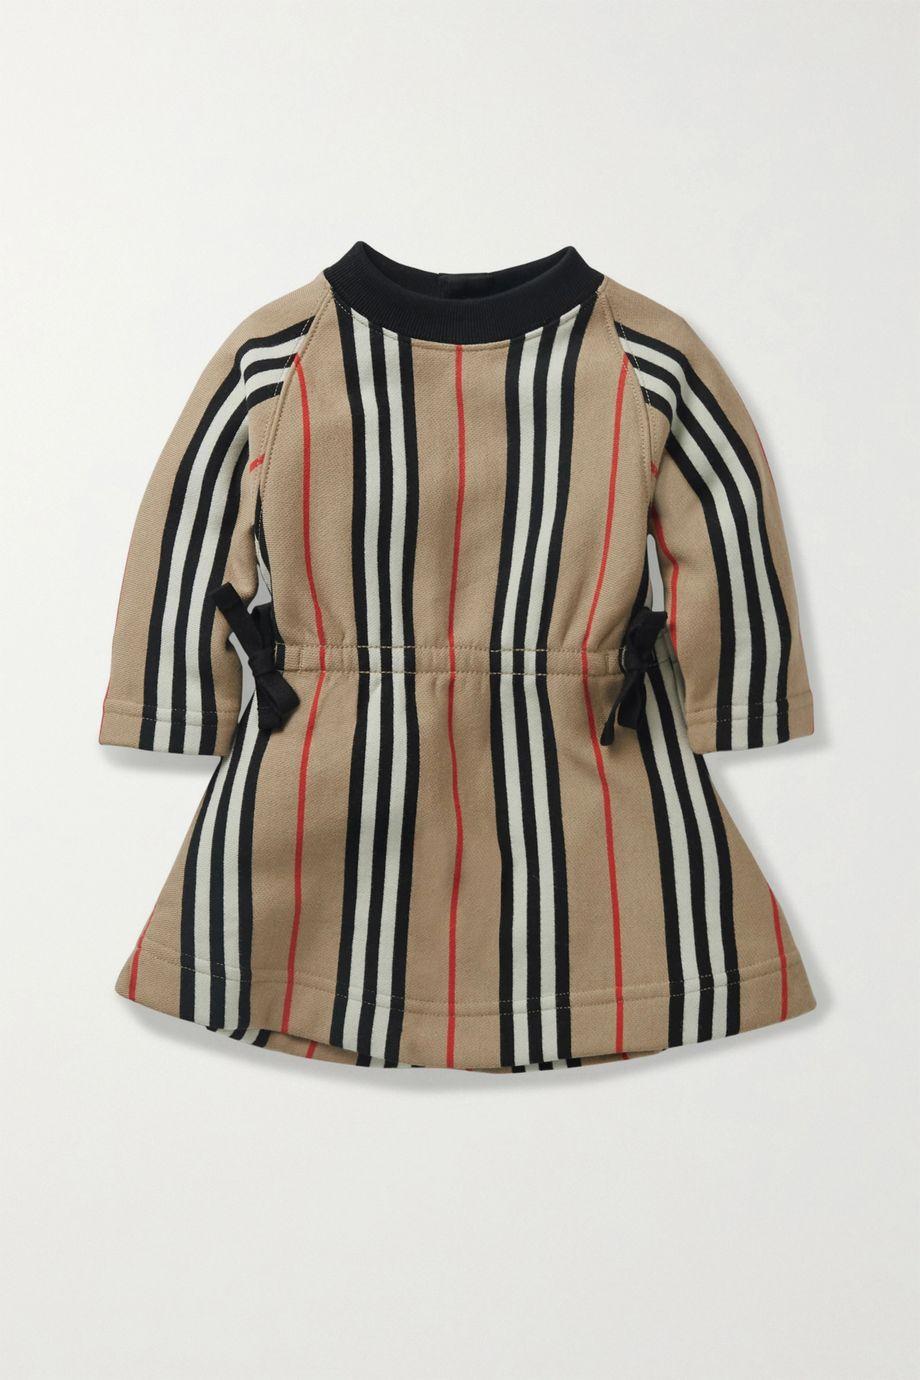 Burberry Kids 【6 - 24 月龄】条纹纯棉平纹布连衣裙